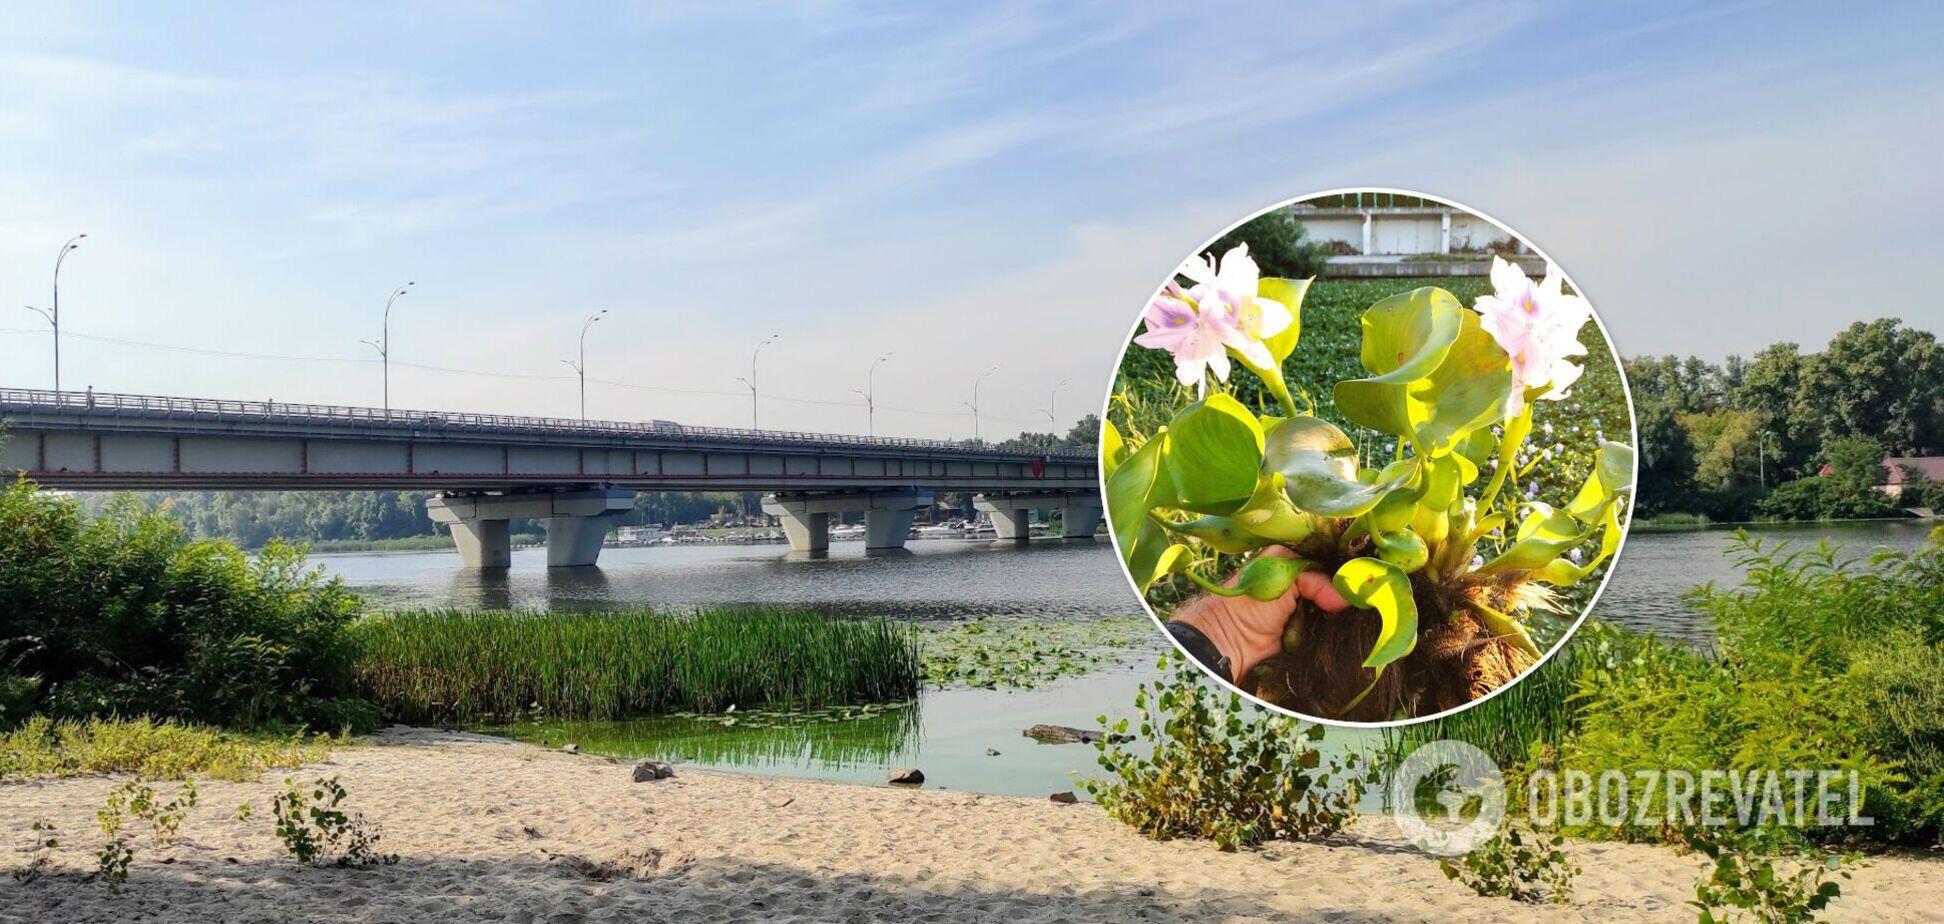 Ейхорнія загрожує біологічному різноманіттю водойм